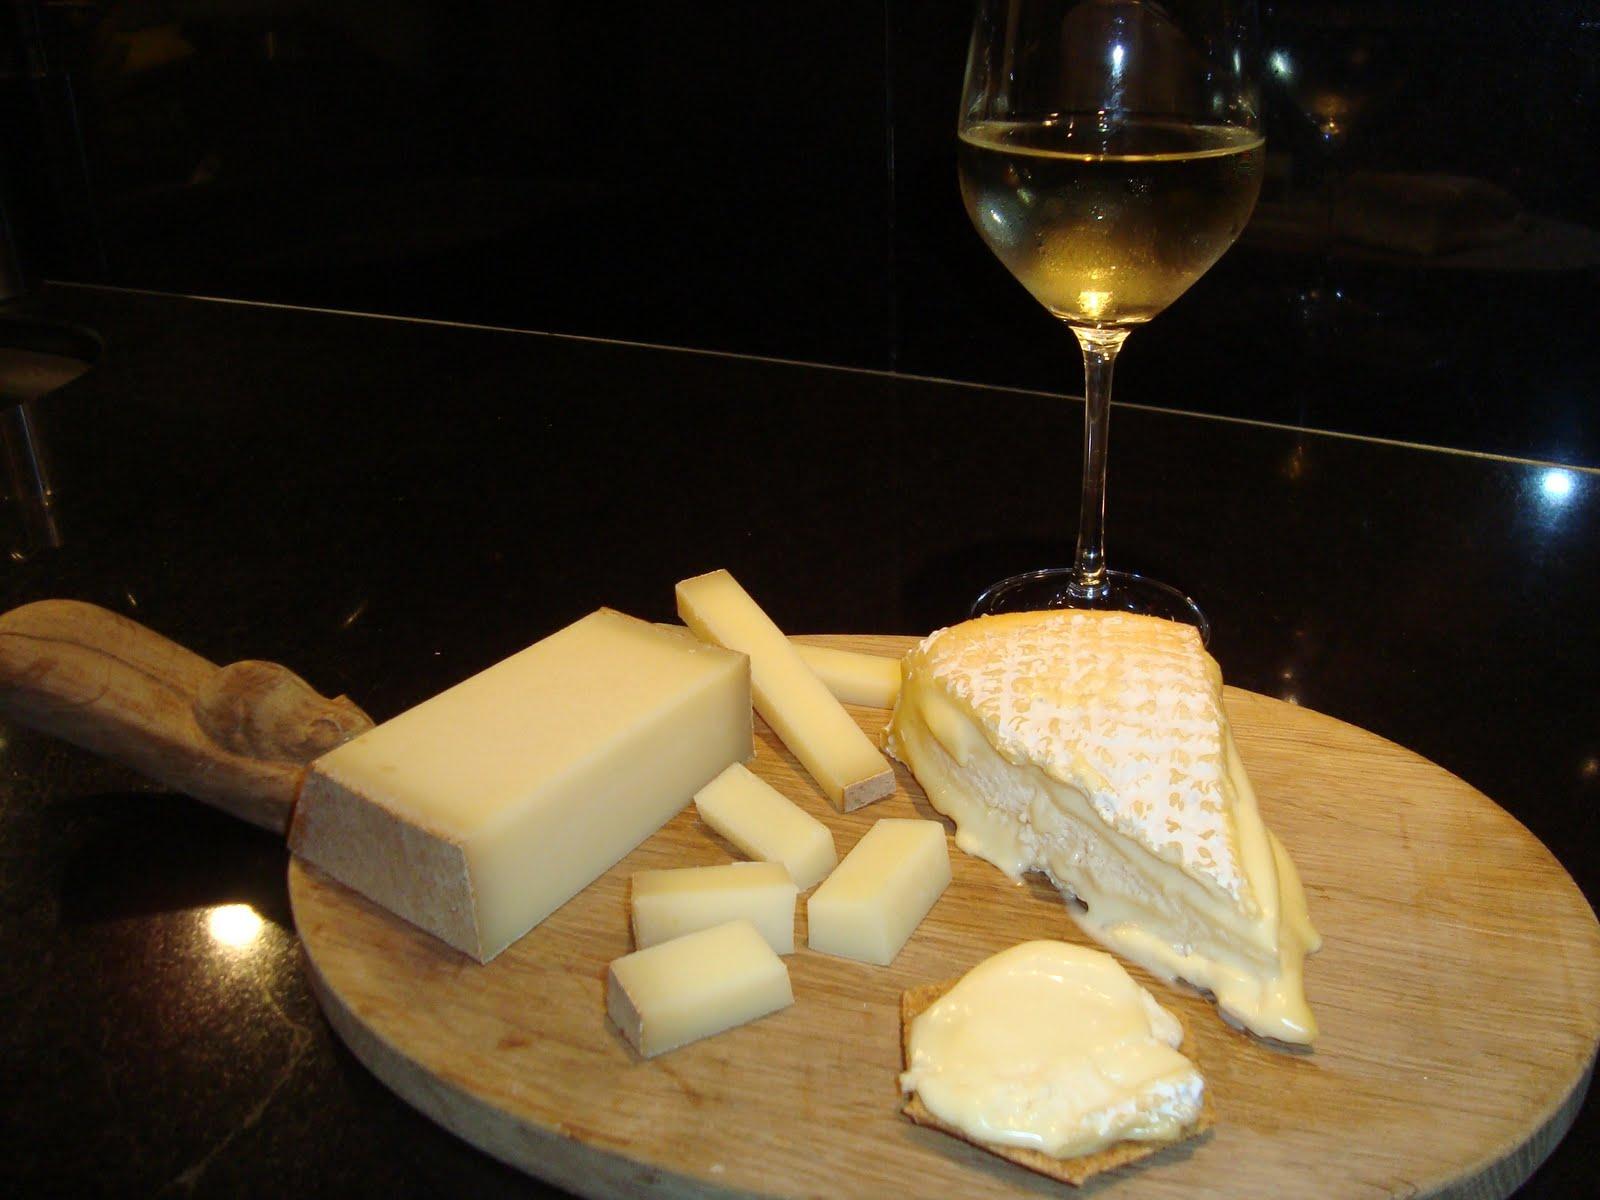 cheese-and-wine-9.jpg